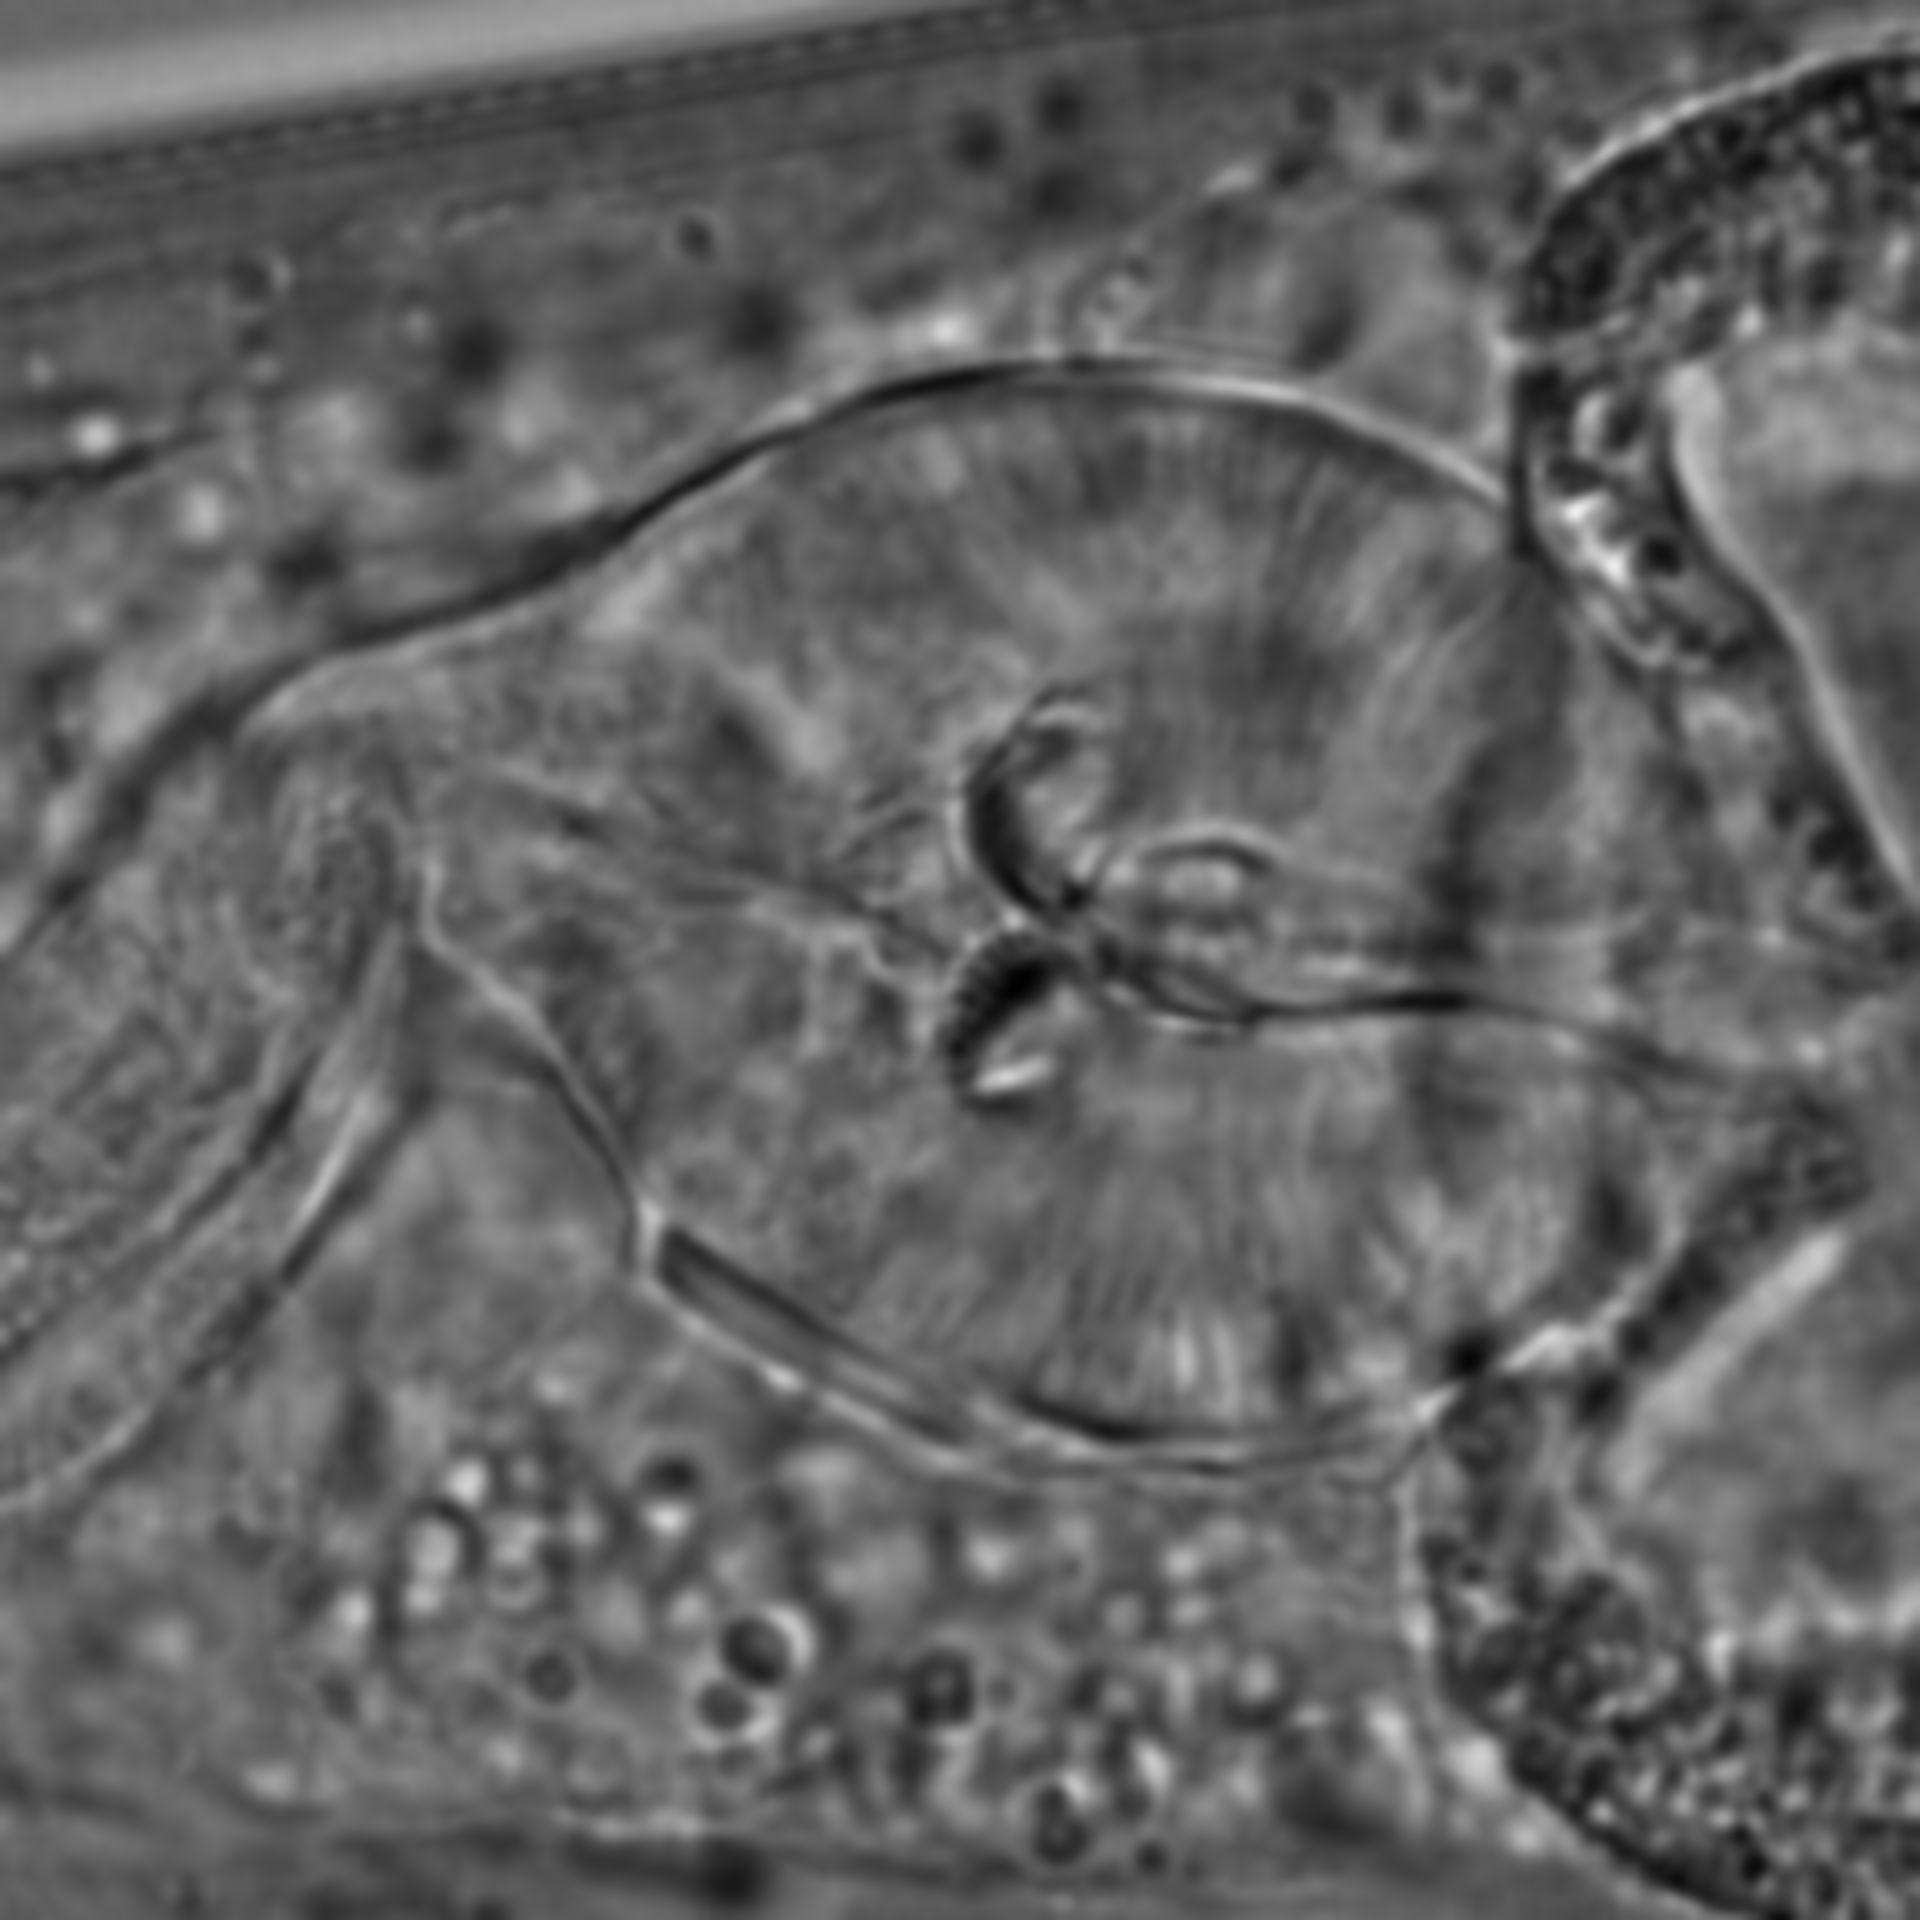 Caenorhabditis elegans - CIL:1631